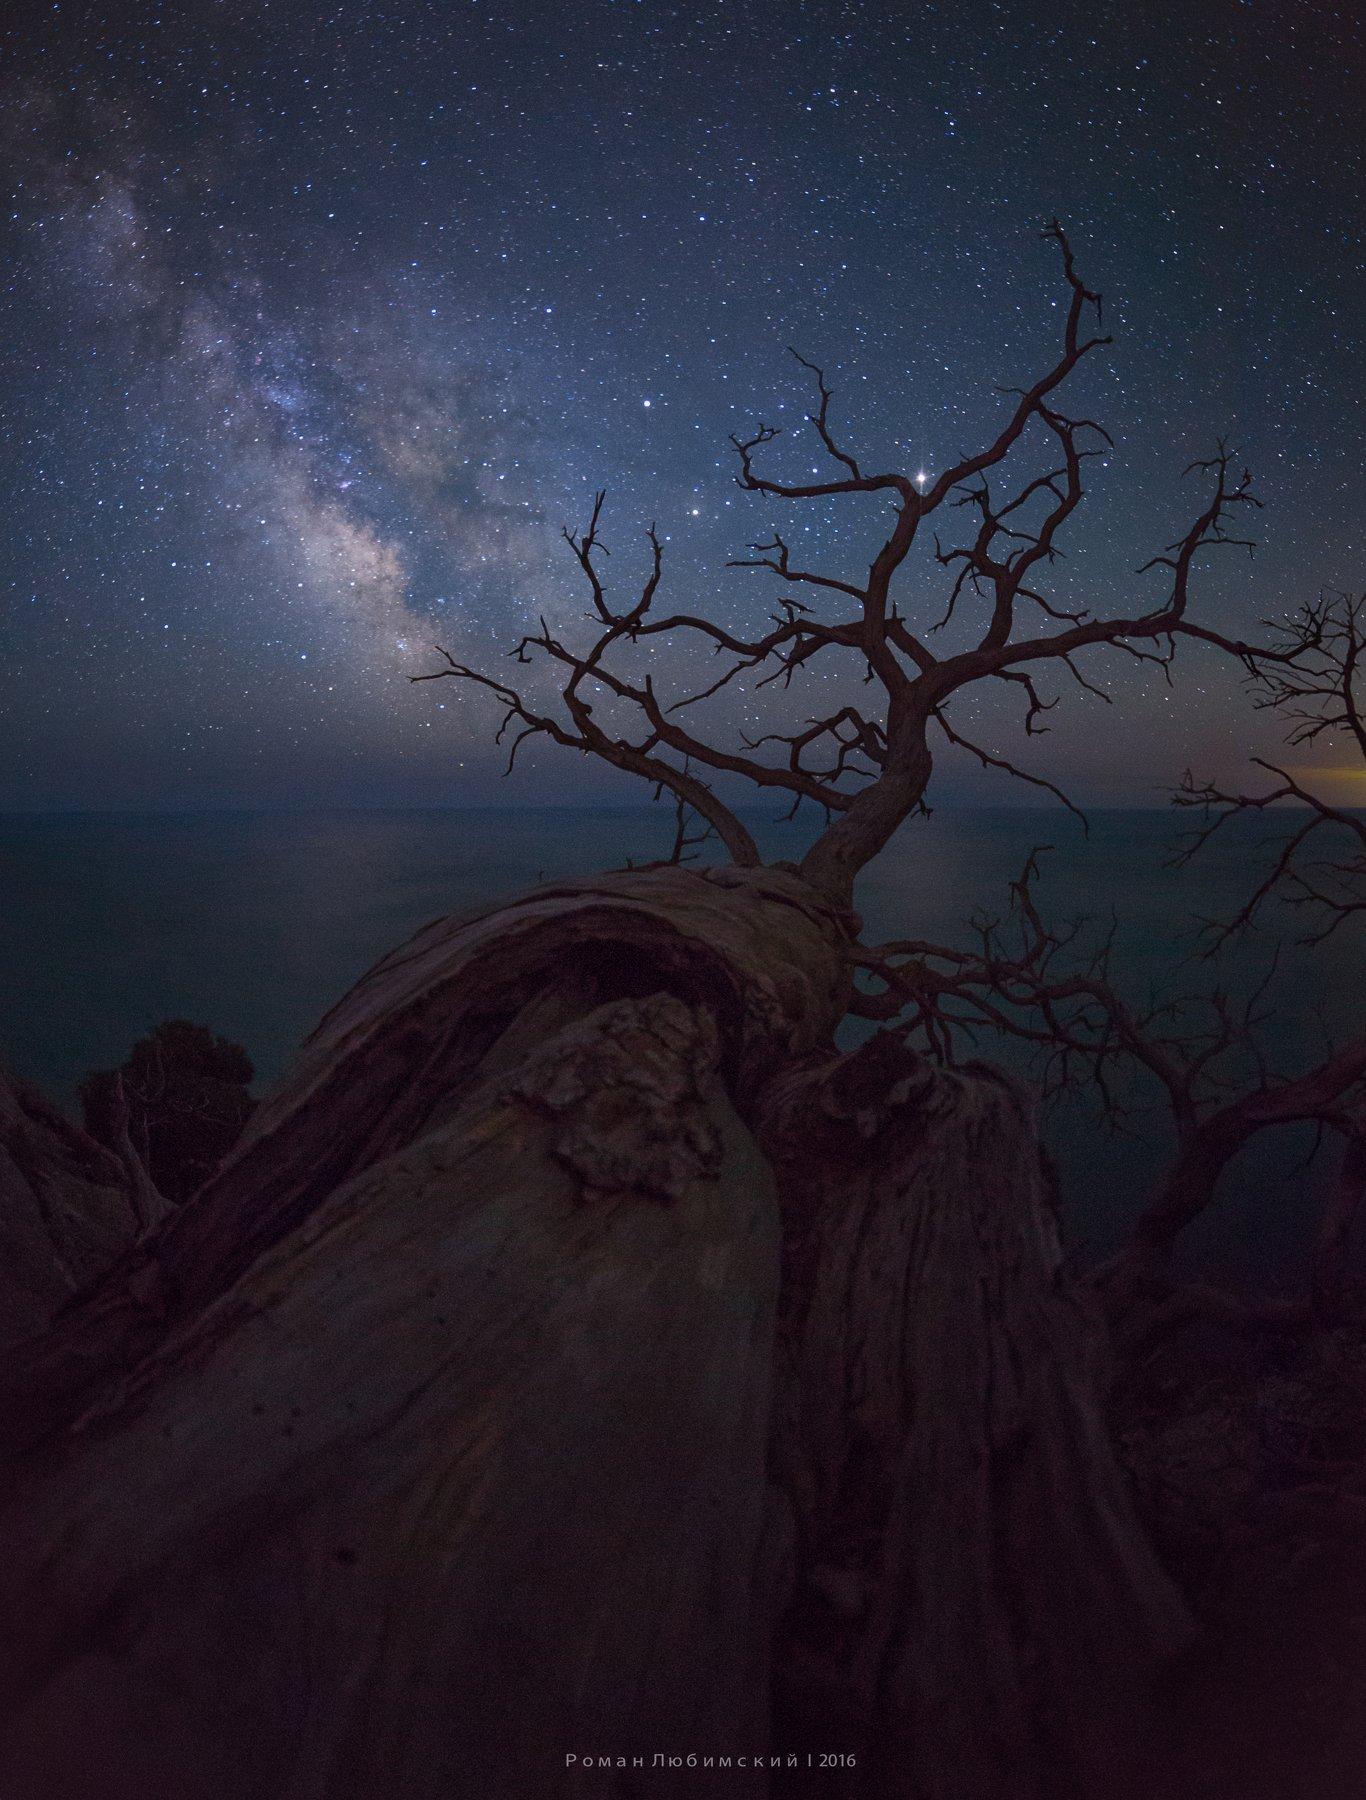 ночная фотография, крым, млечный путь, дерево, звезды, коряга, ночь, новый свет, красиво, пейзаж, природа, россия, Роман Любимский